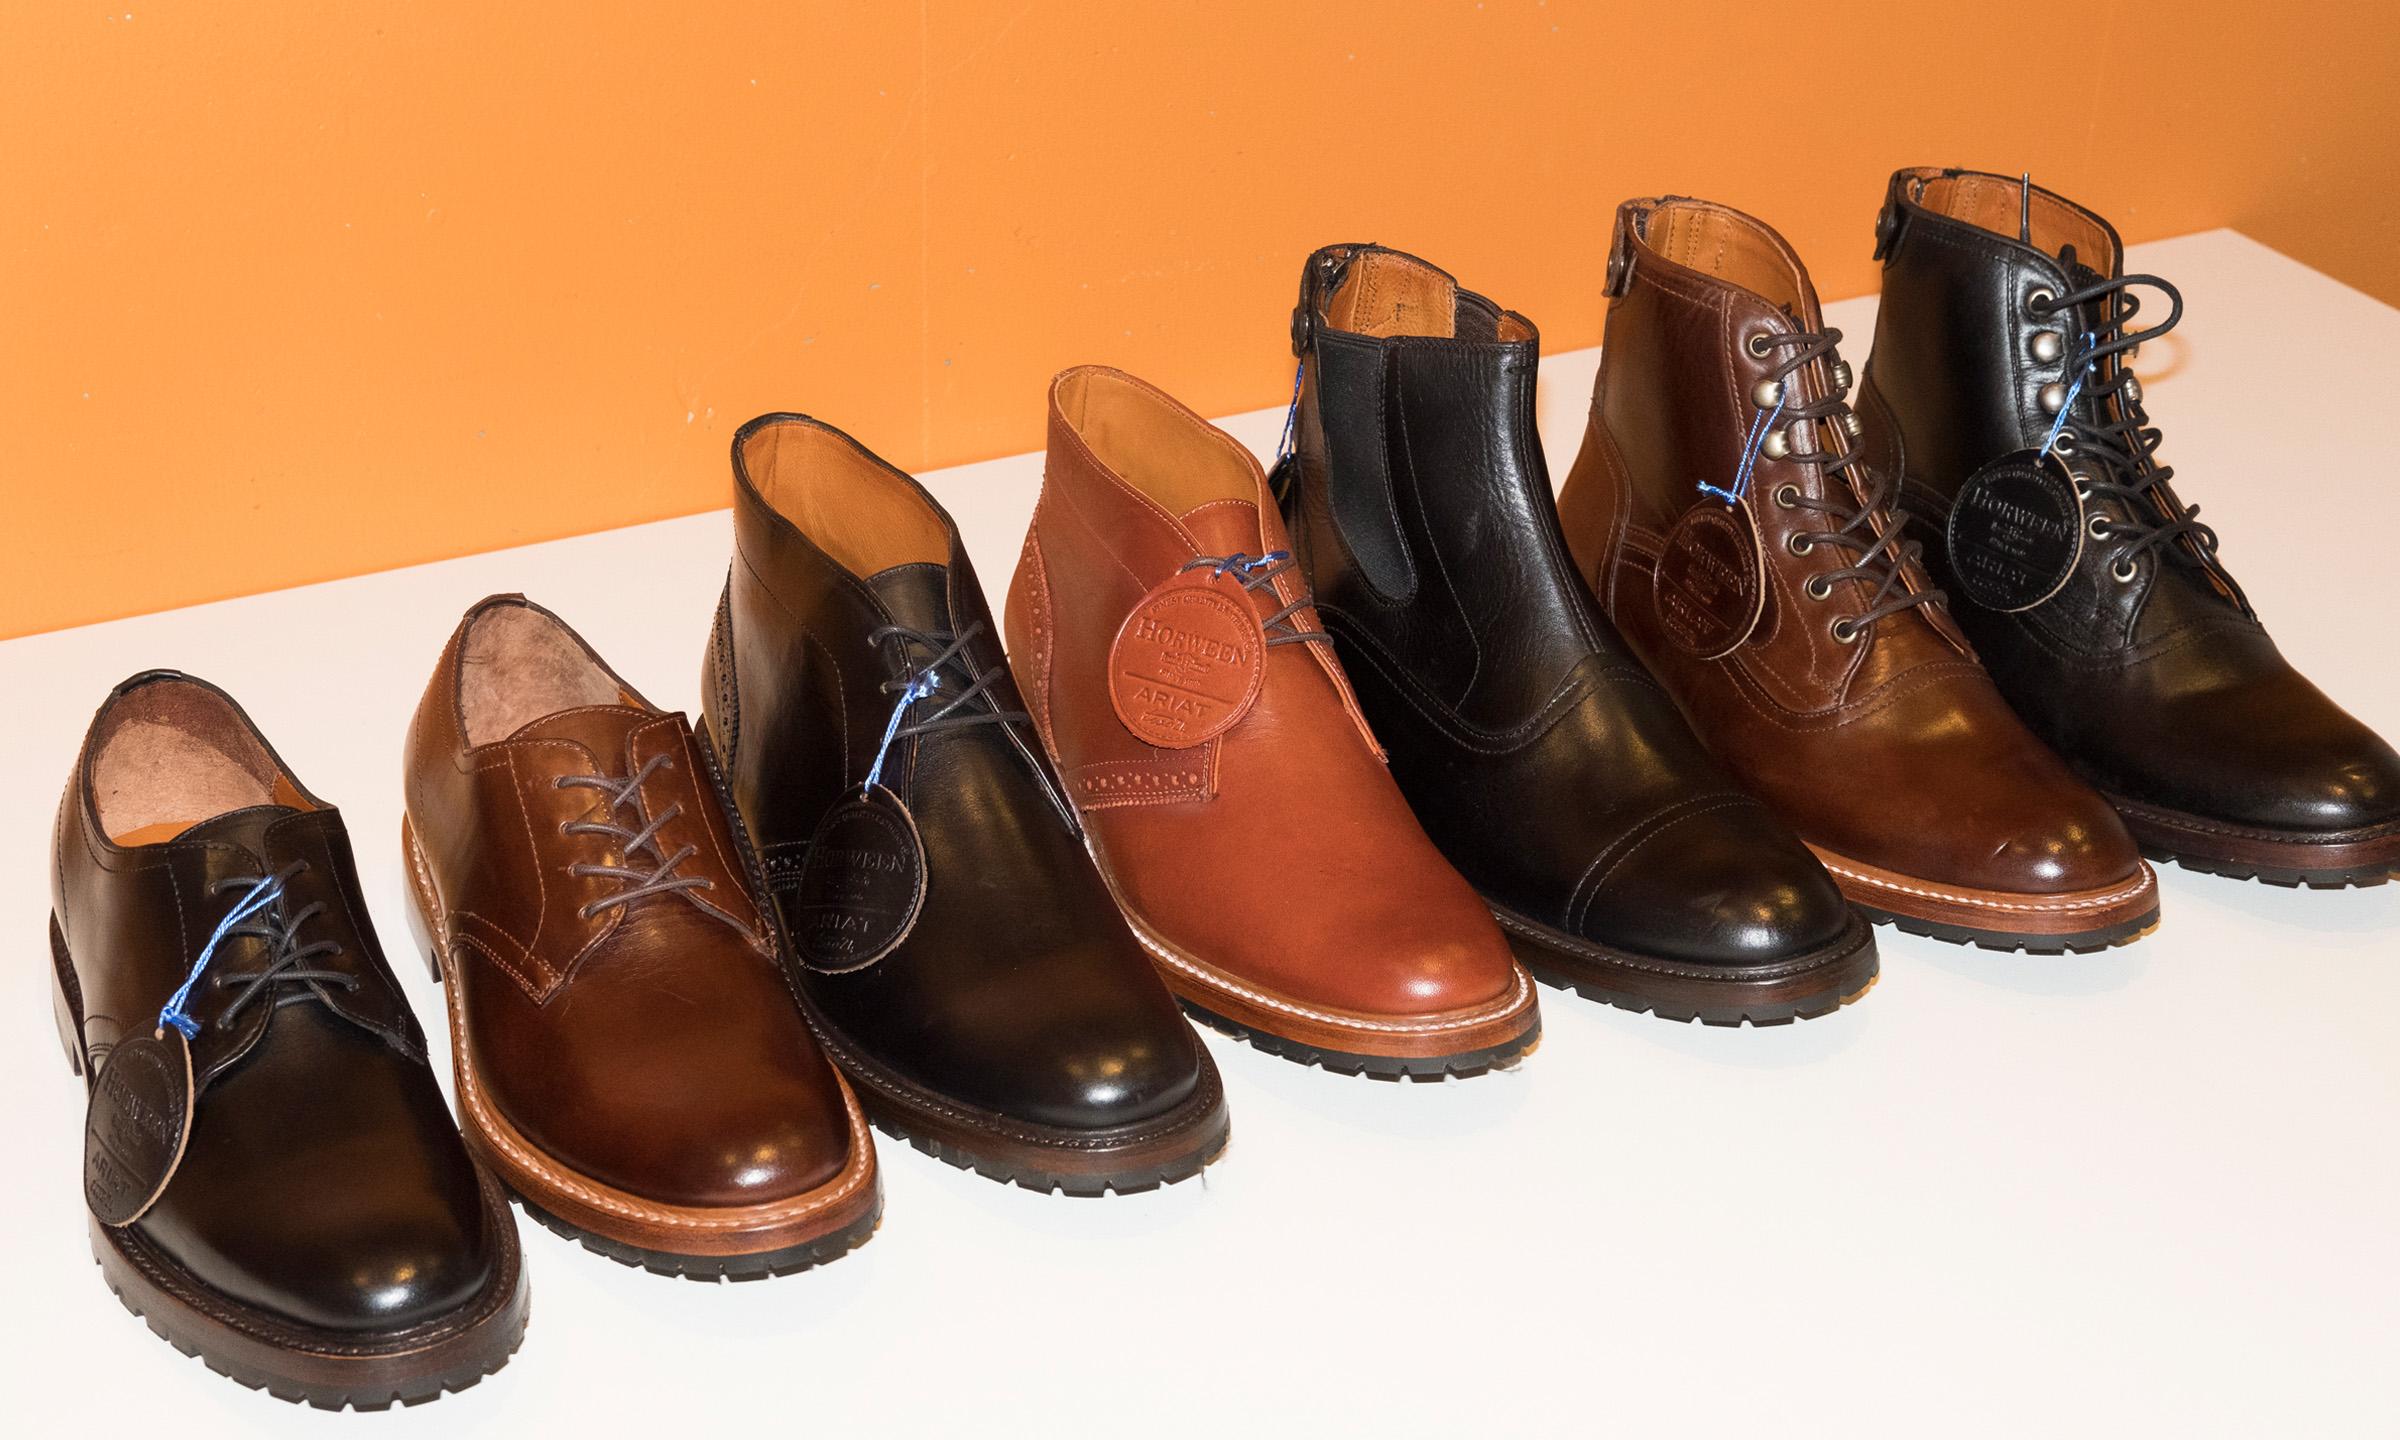 イセタンメンズが惚れたアメリカンブランドの新たな革靴 ARIAT Two24 -LEATHER SHOES with ISETAN SHINJUKU-